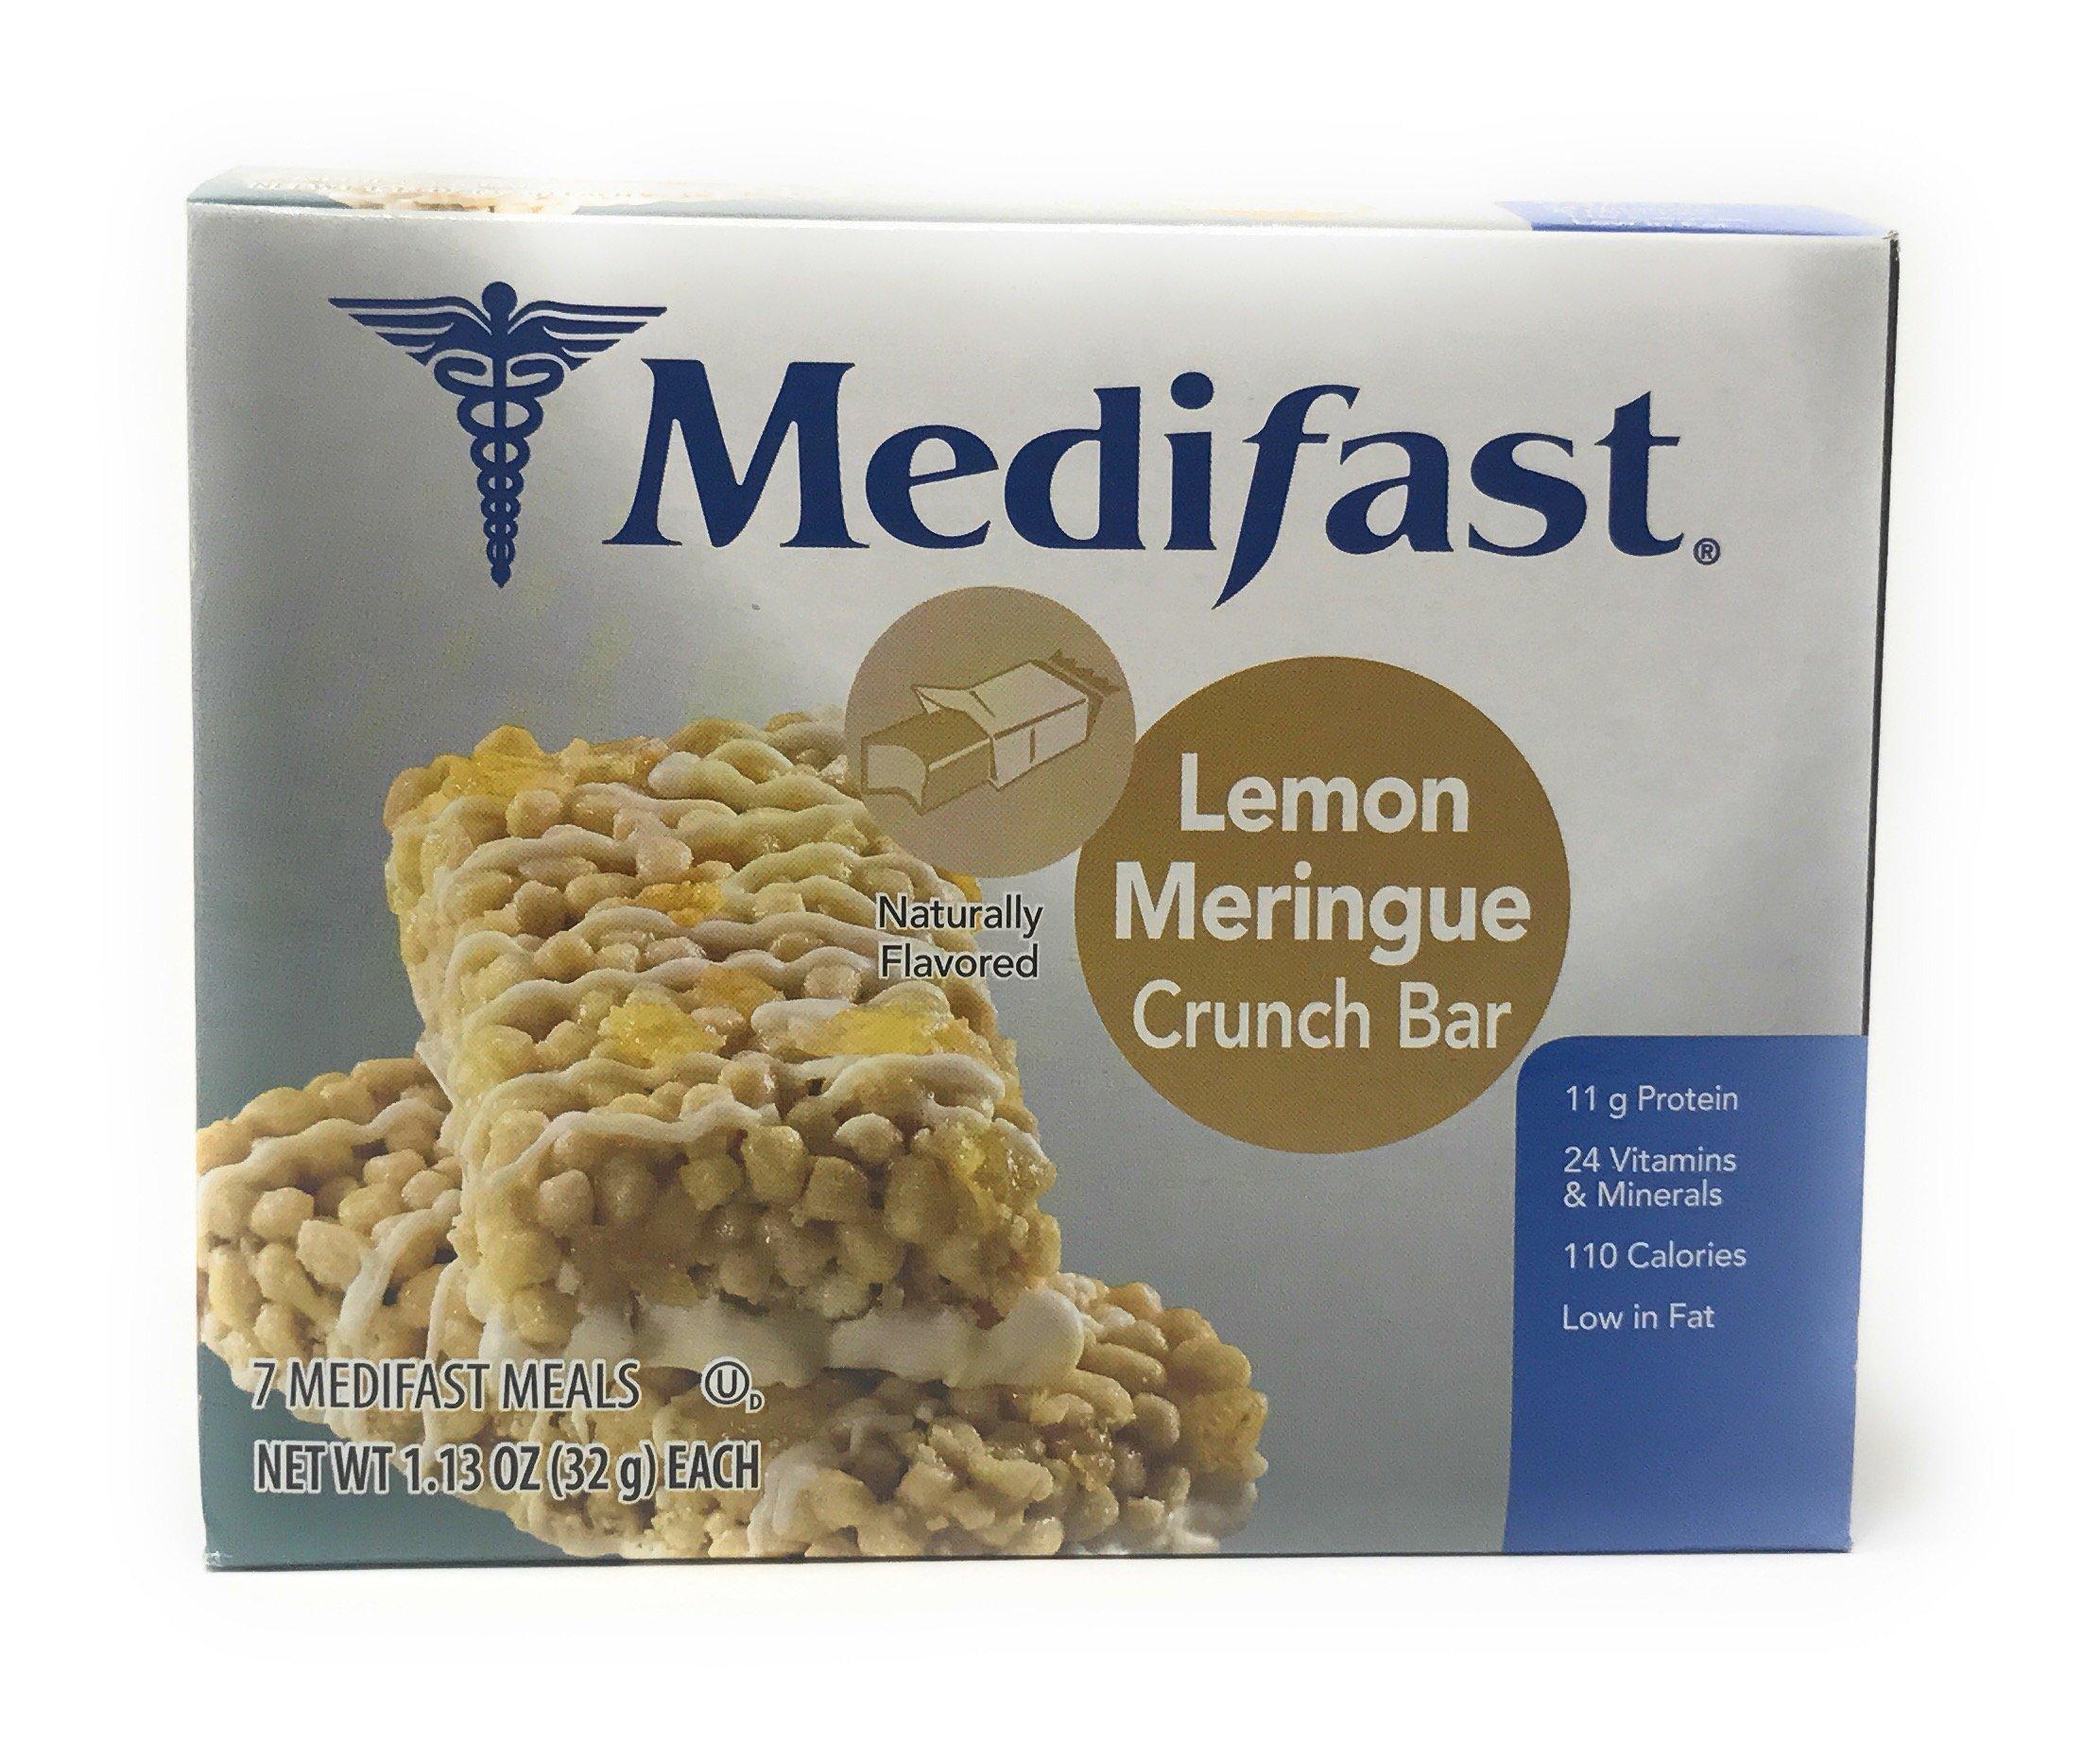 Medifast Bars (Lemon Meringue Crunch Bar)